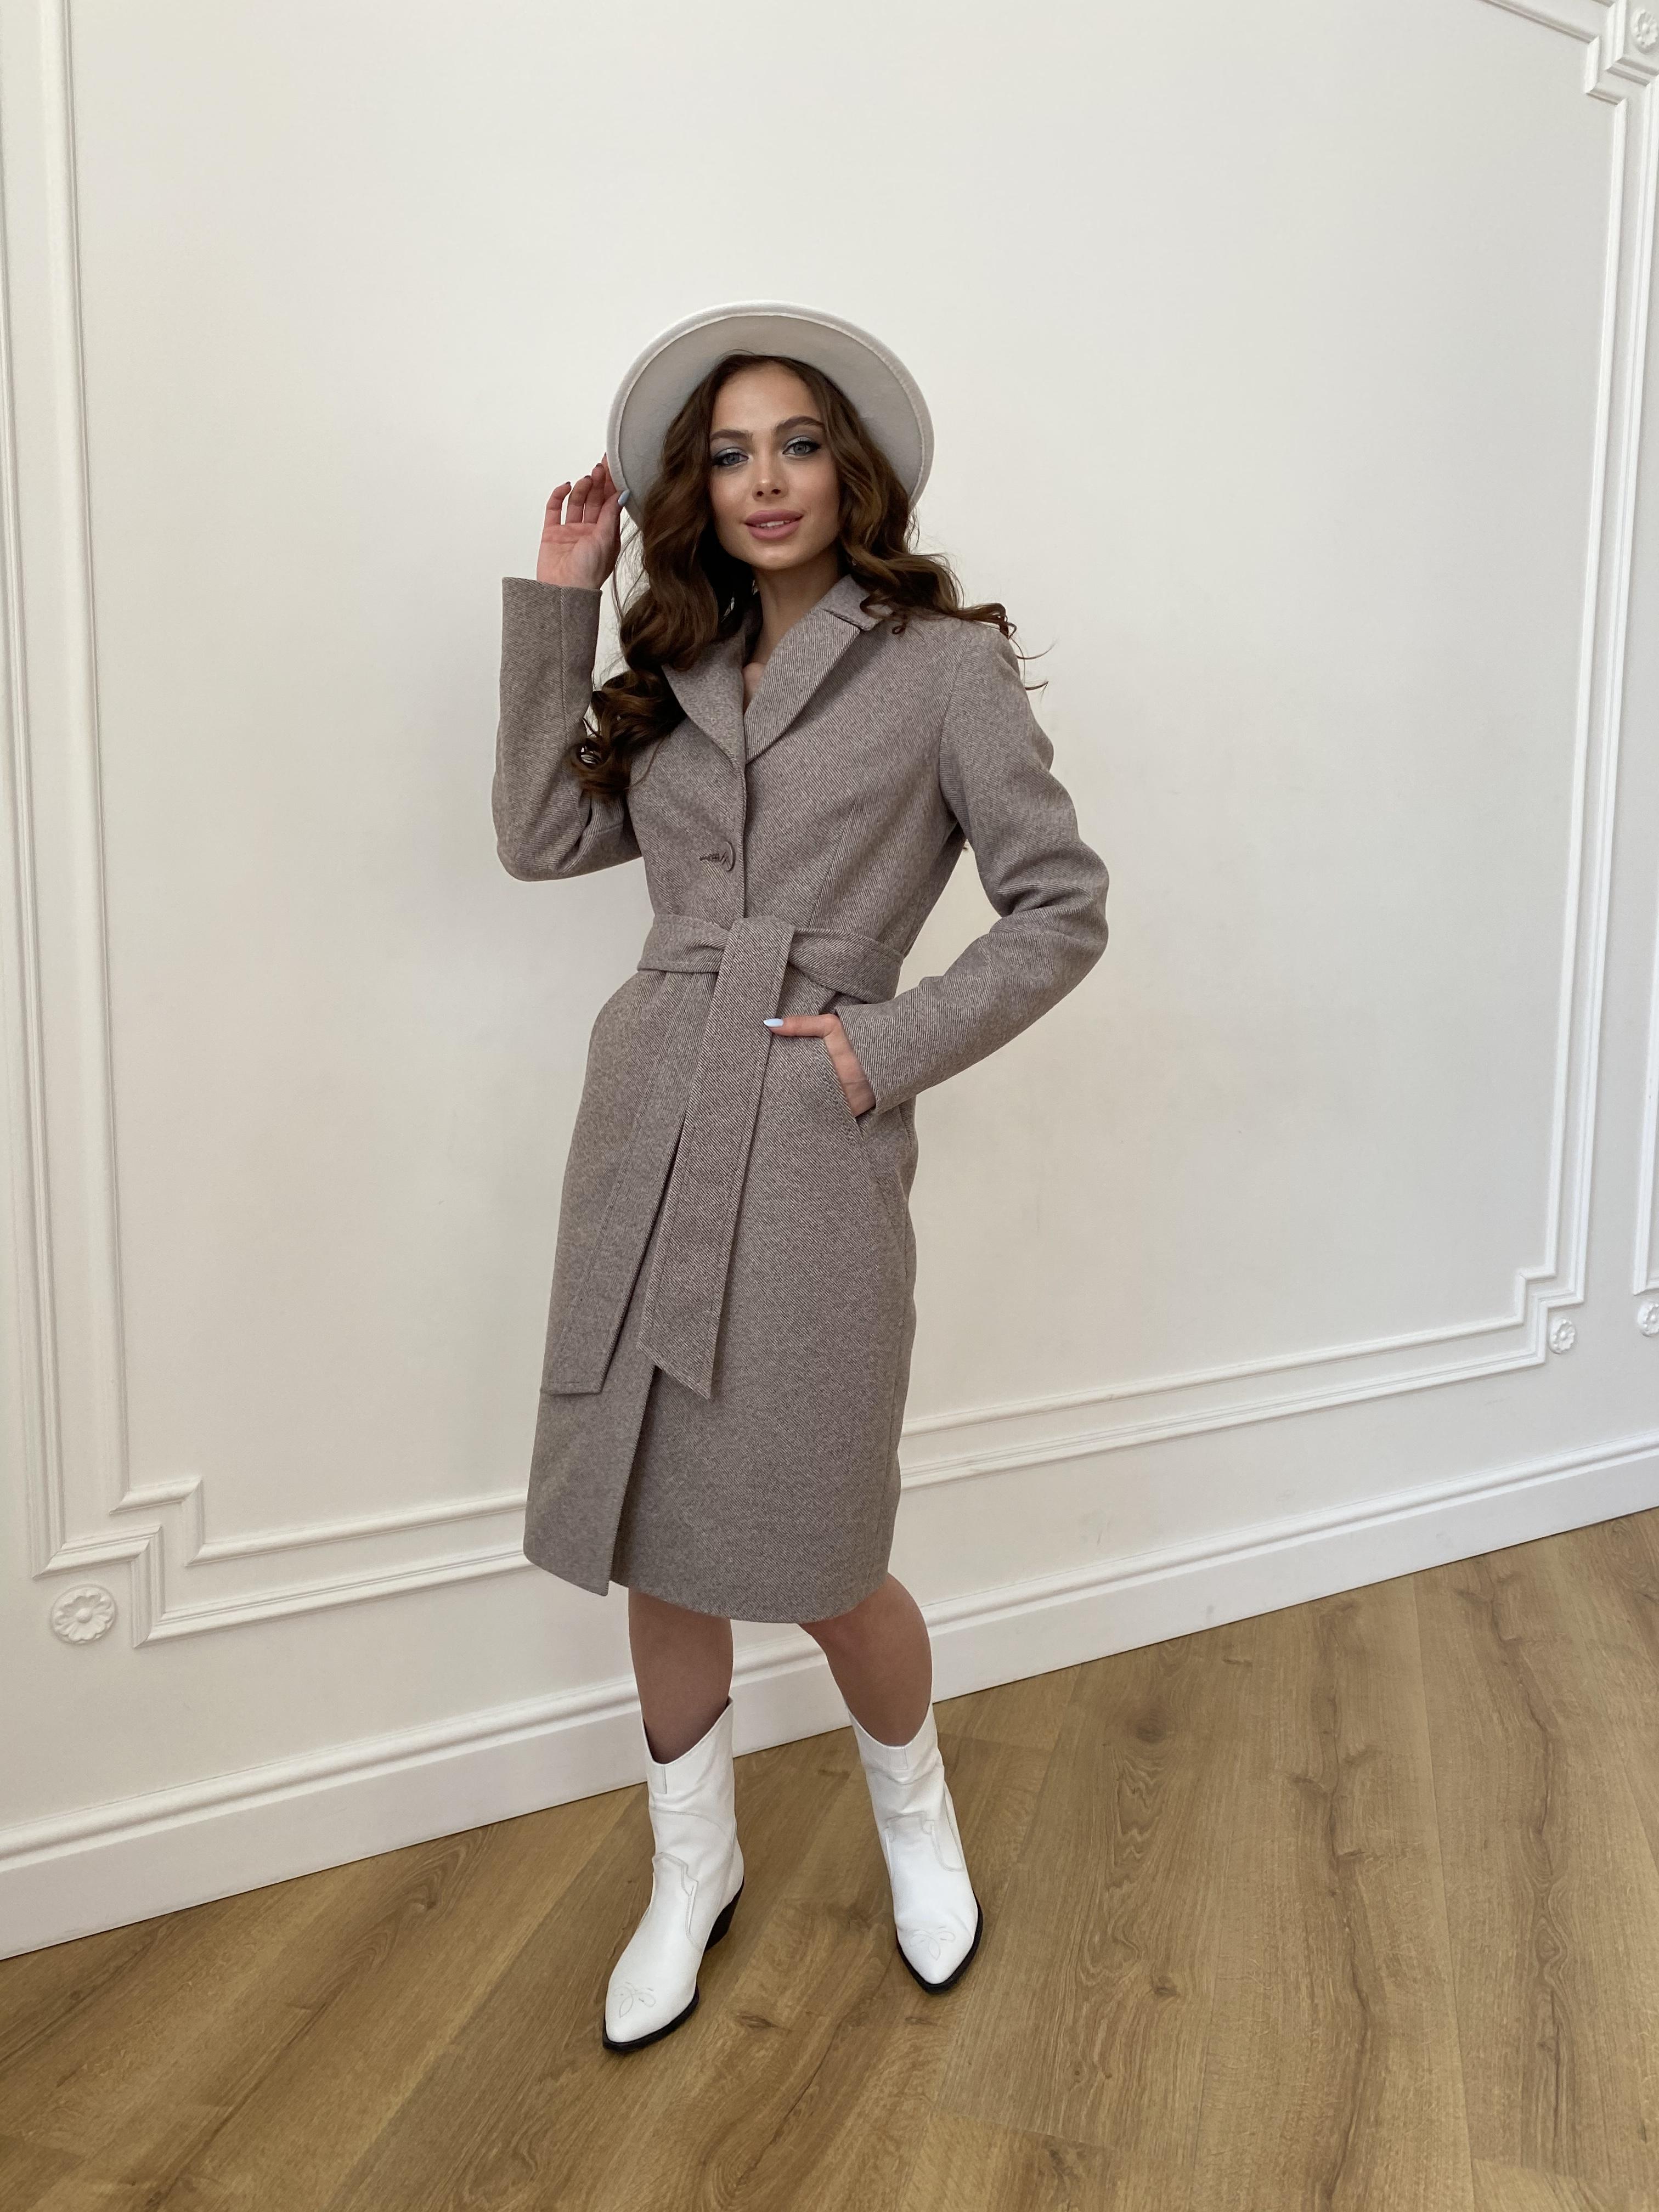 Камила  пальто из кашемира зима 8487 АРТ. 46457 Цвет: Шоколадный меланж 5 - фото 6, интернет магазин tm-modus.ru